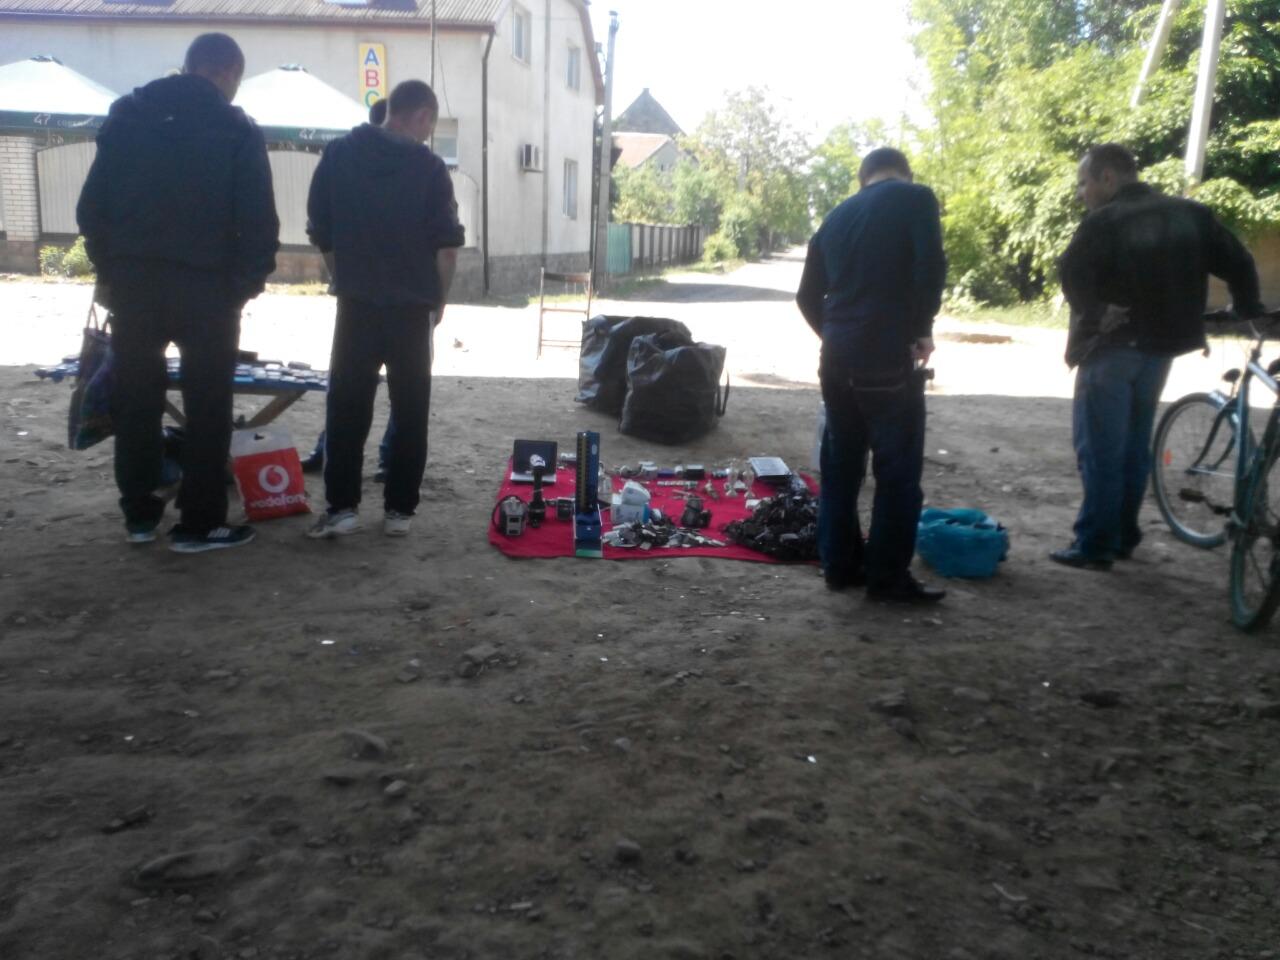 Муніципальні поліцейські Мукачева склали 5 штрафів за незаконну стихійну торгівлю